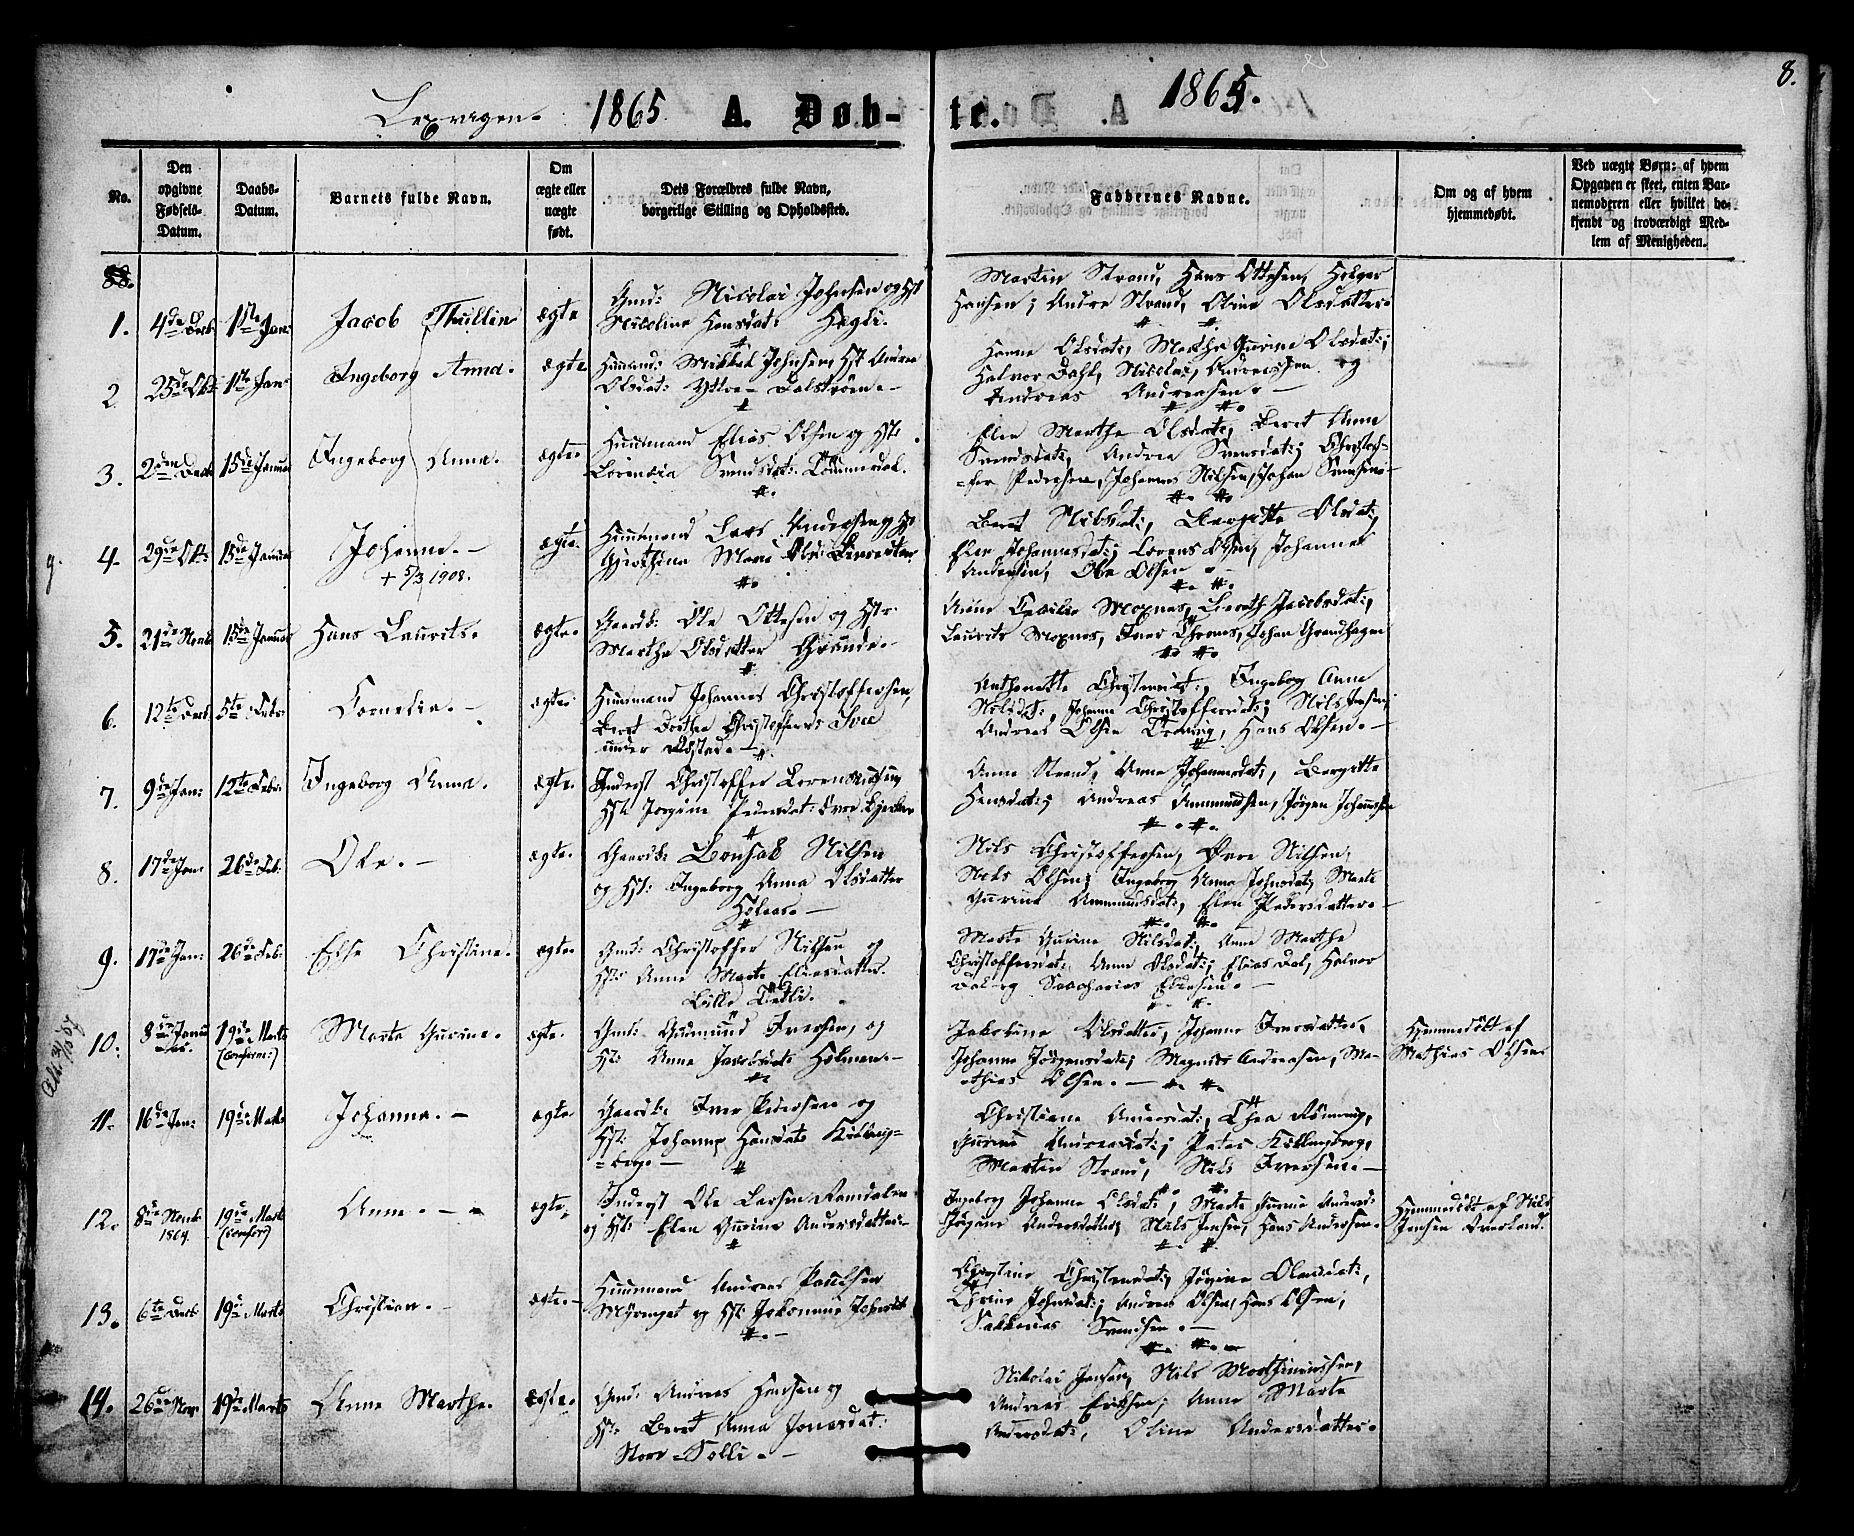 SAT, Ministerialprotokoller, klokkerbøker og fødselsregistre - Nord-Trøndelag, 701/L0009: Ministerialbok nr. 701A09 /1, 1864-1882, s. 8